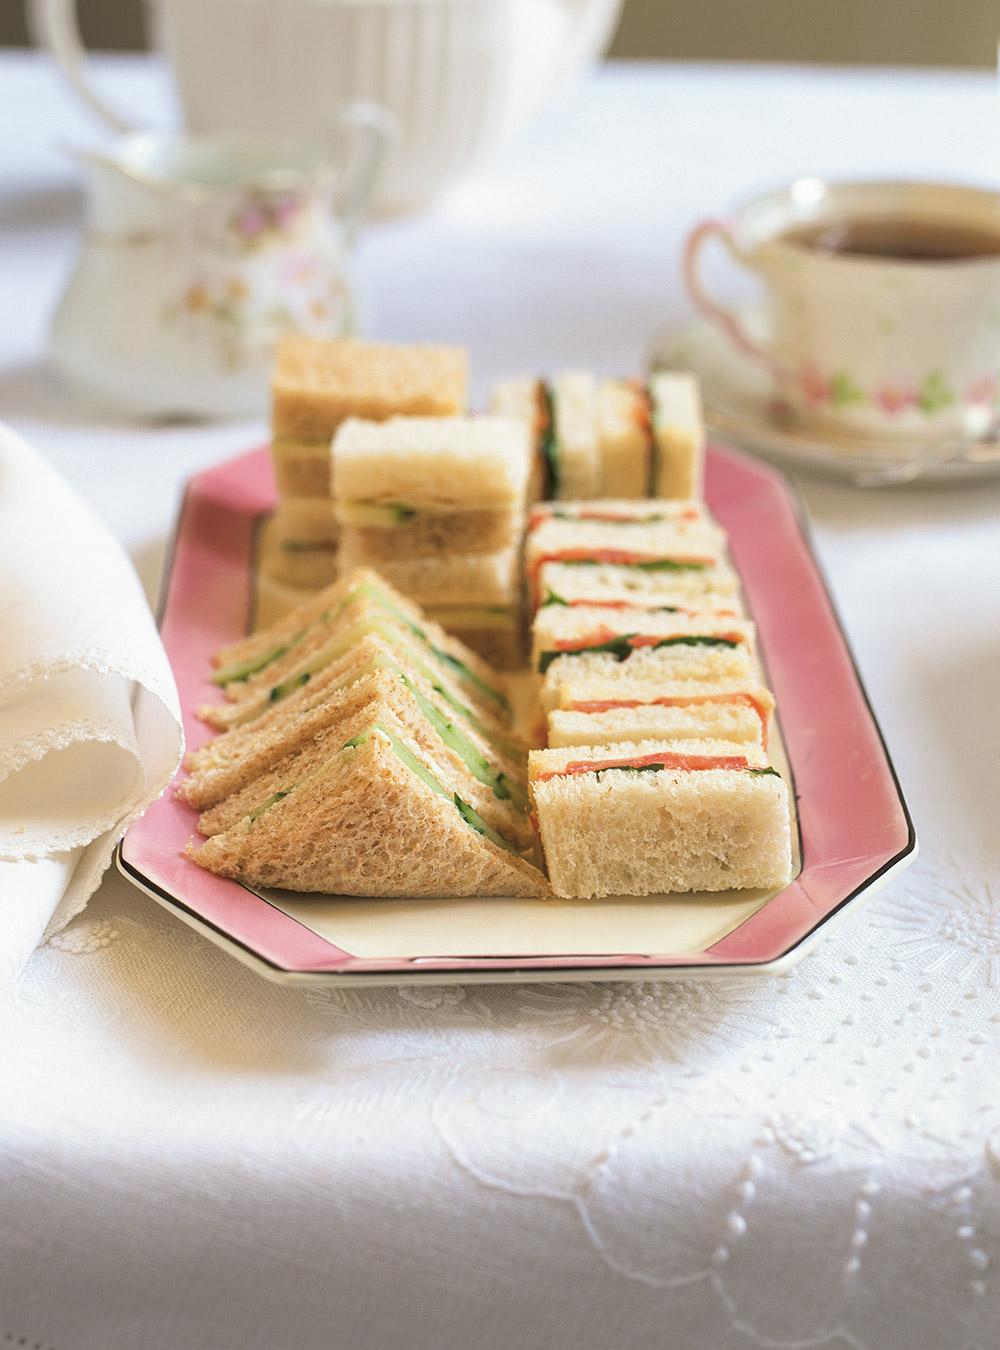 5 id es de garniture pour sandwichs th recette - Idee de sandwich froid ...